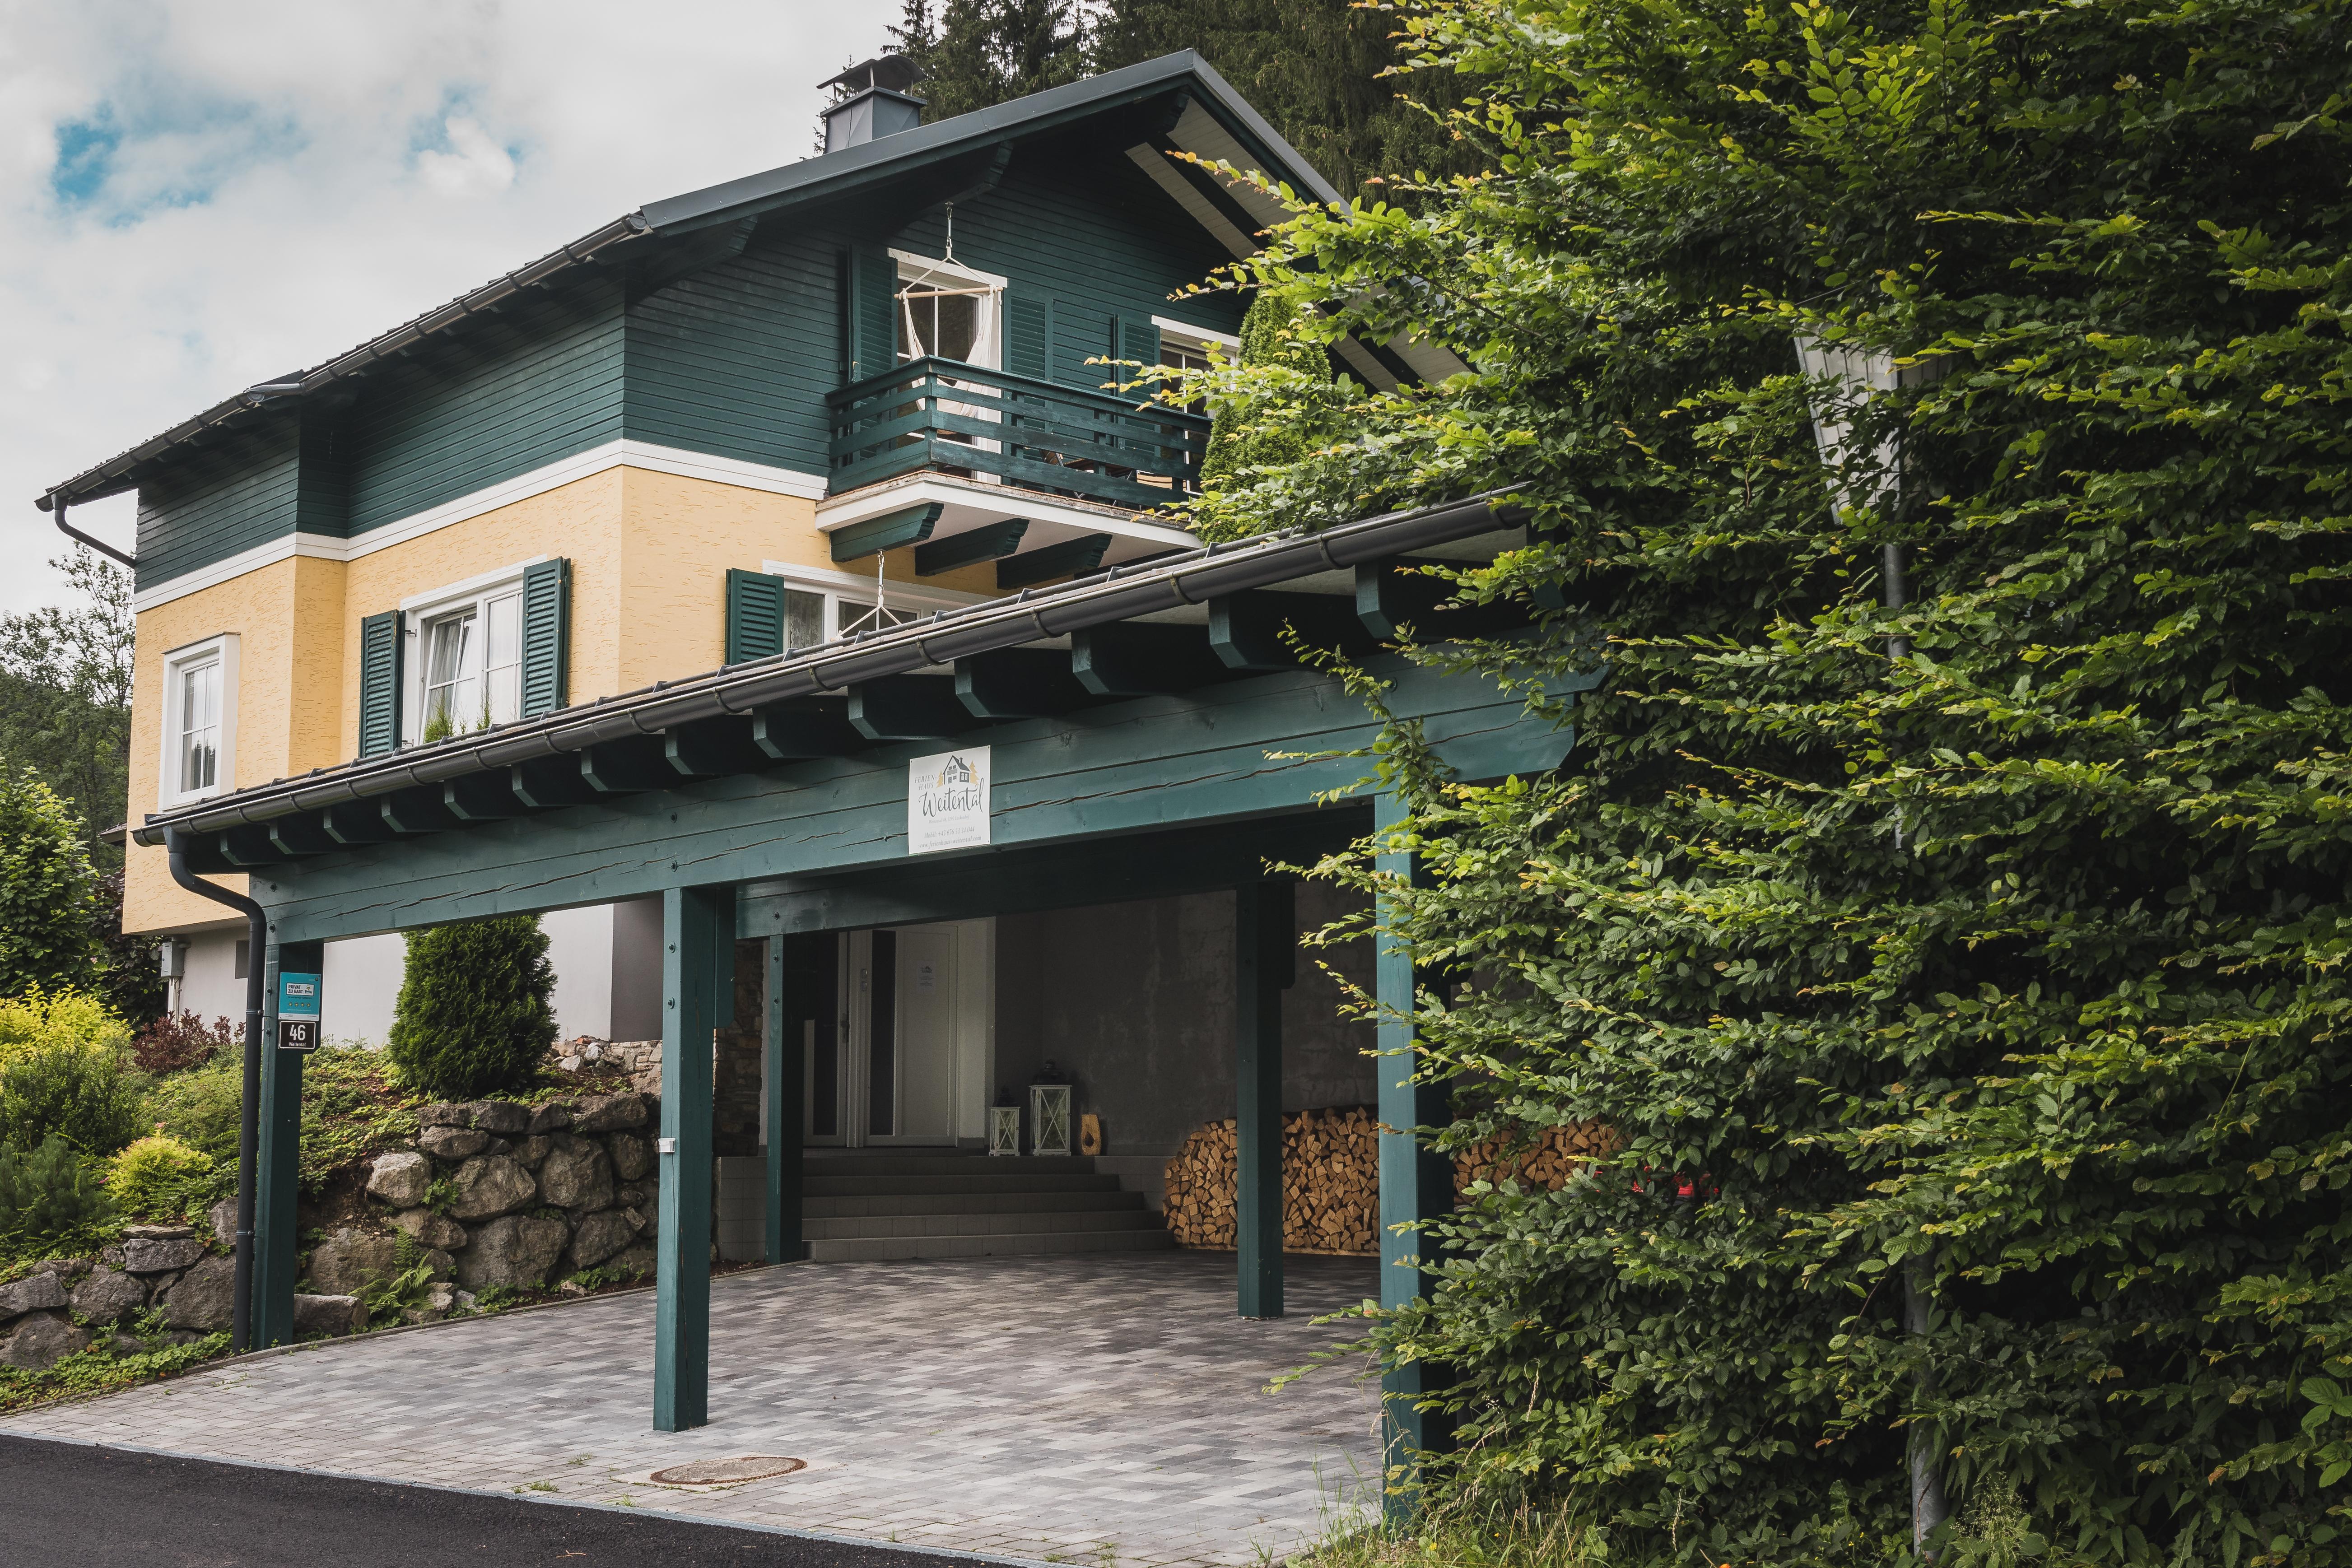 Ferienhaus_Aussen1